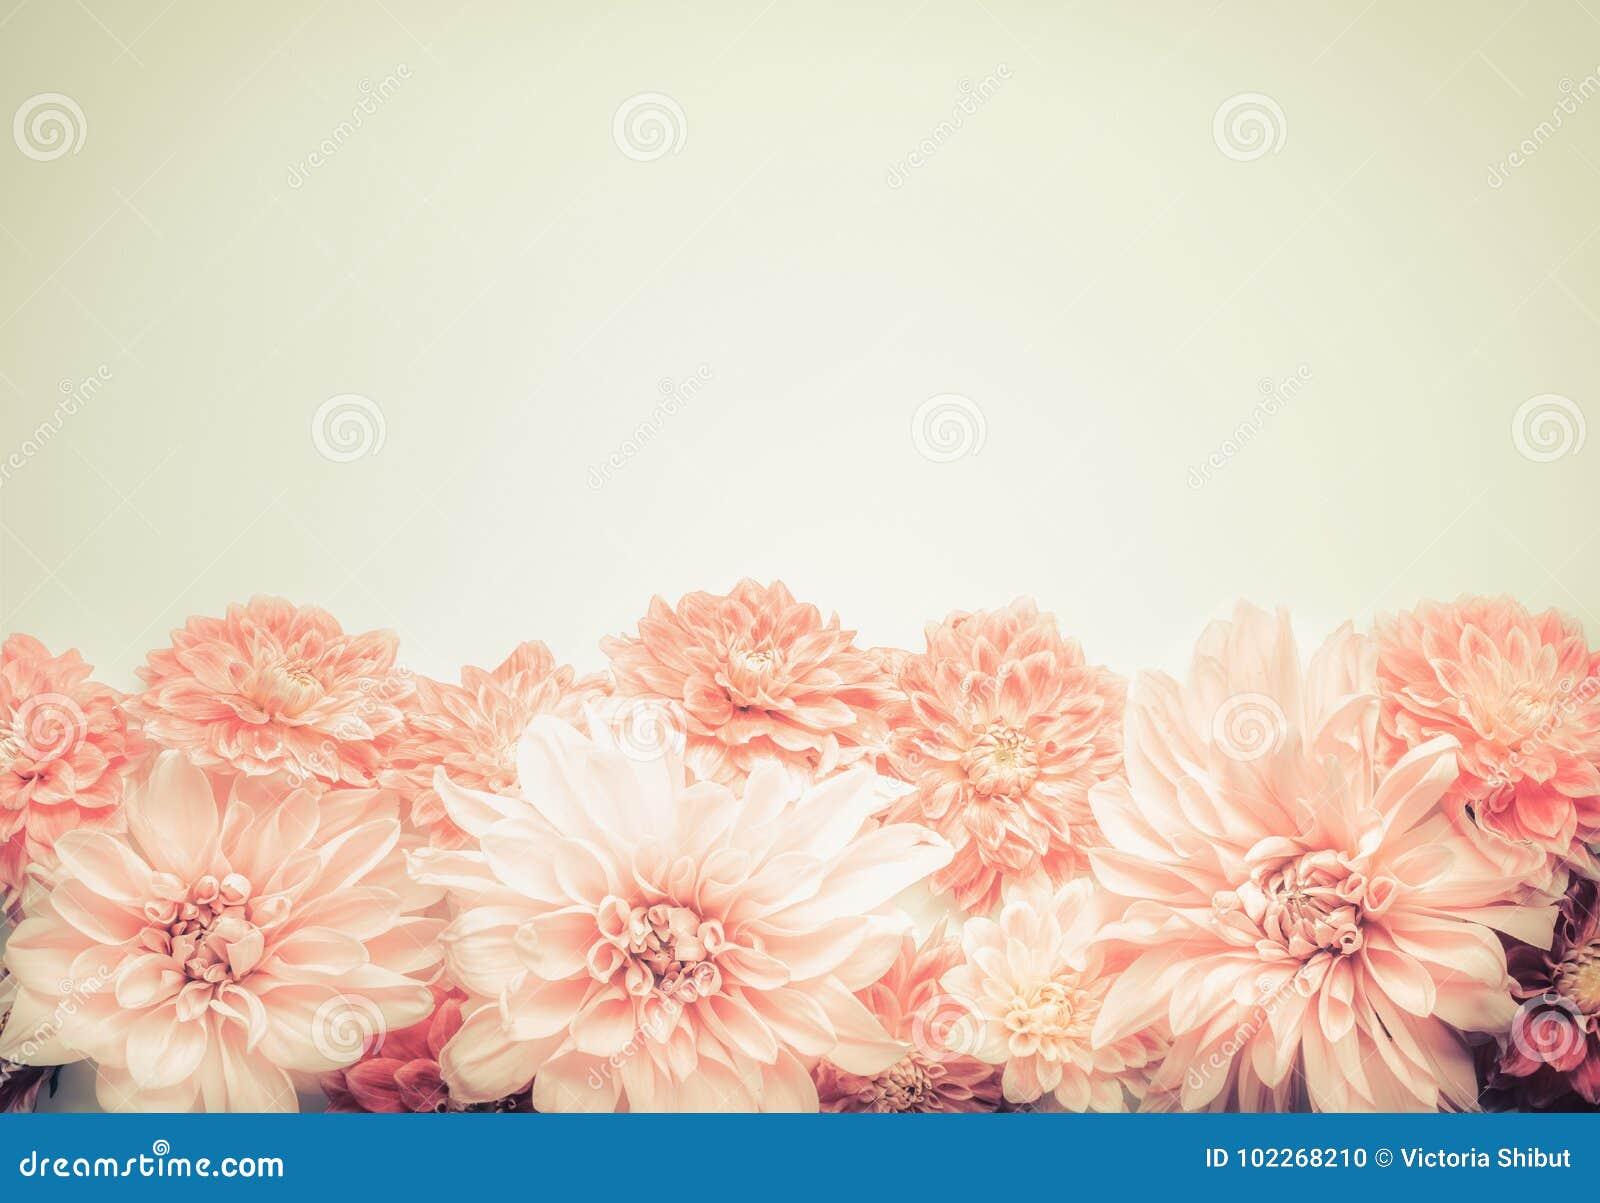 Belles fleurs en pastel roses sur le fond beige, dessus, frontière Belle carte de voeux ou invitation pour épouser, jour de mères